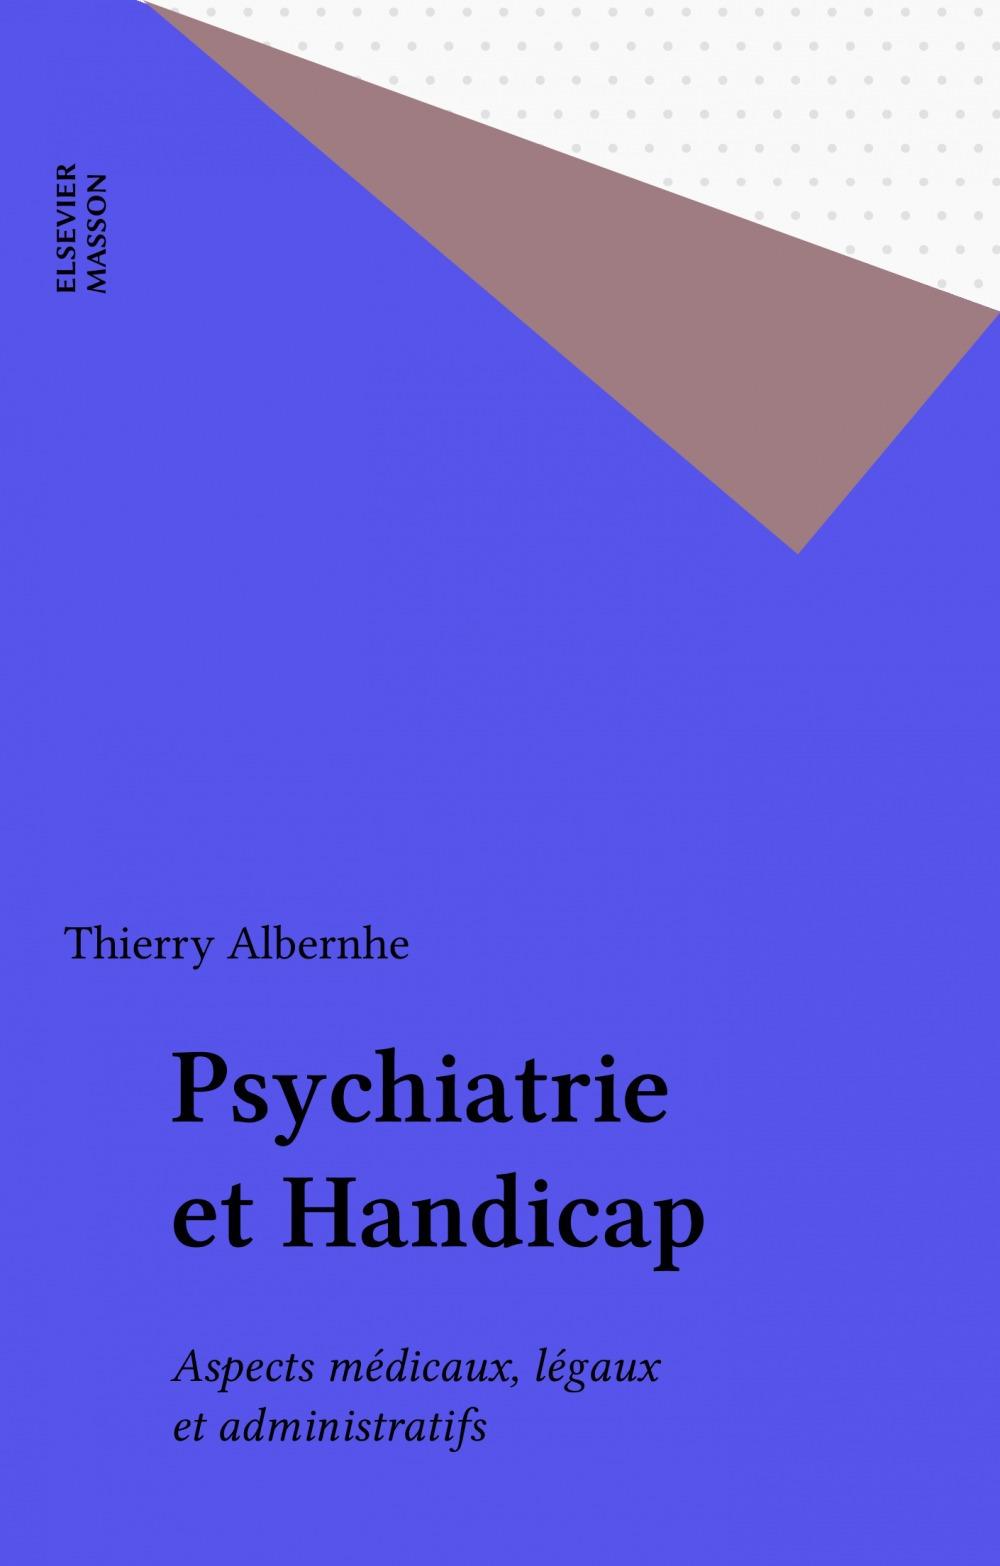 Thierry Albernhe Psychiatrie et Handicap